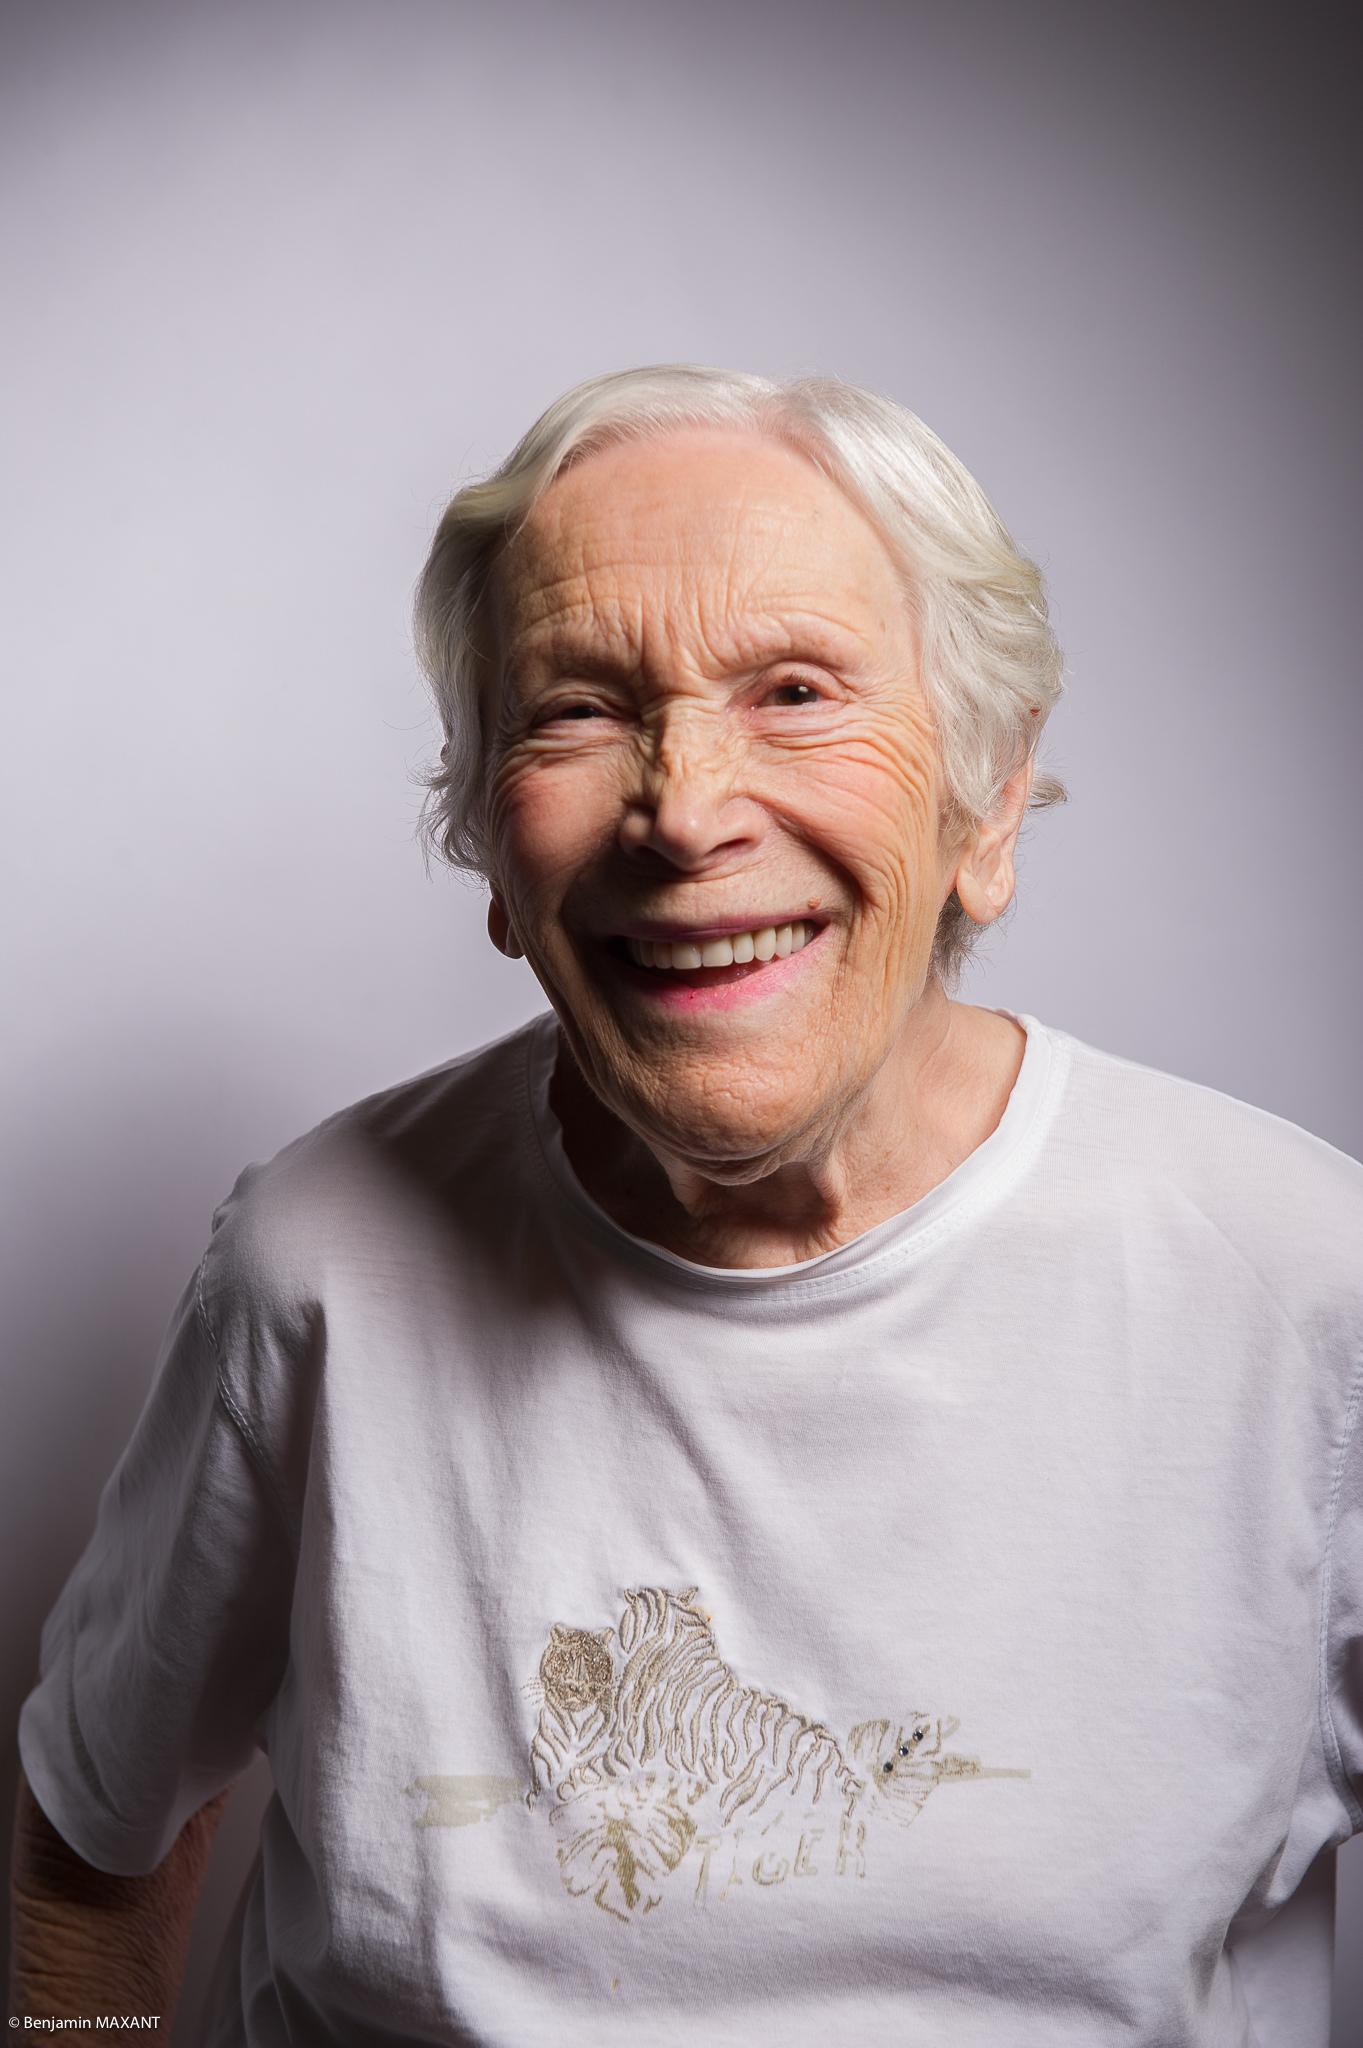 Portrait studio d'une personne âgée - femme pull gris